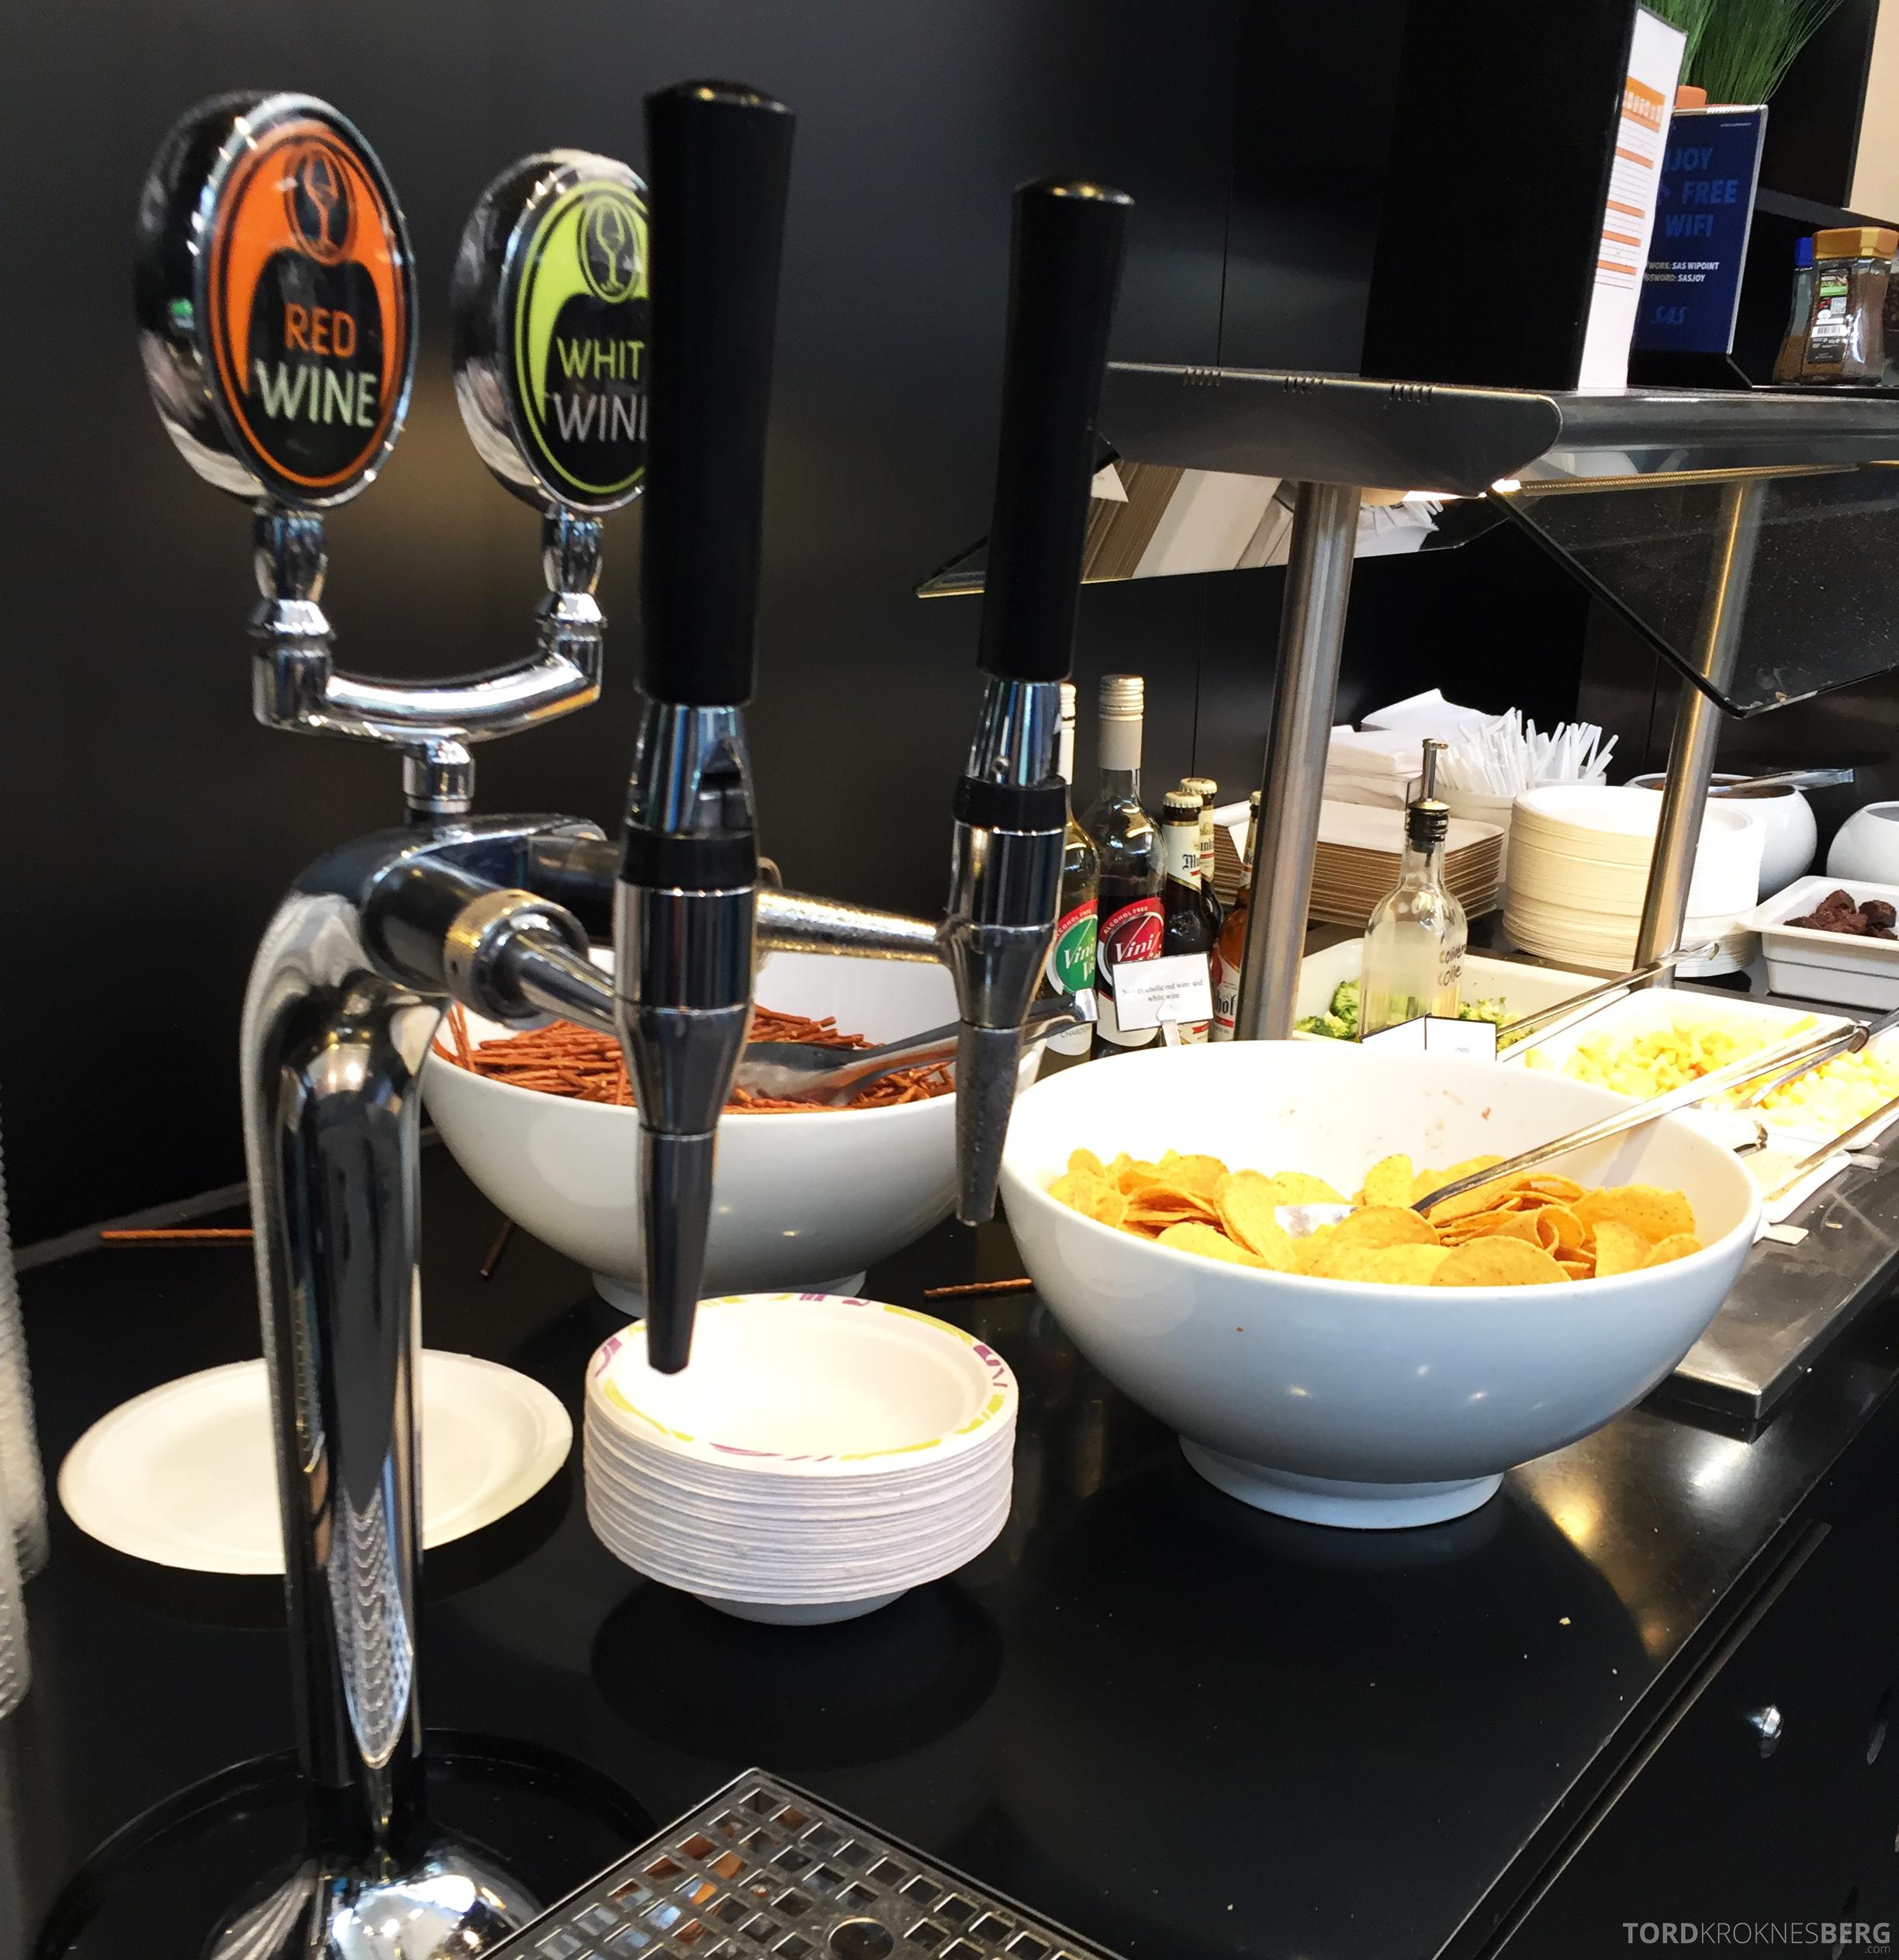 SAS Innenrikslounge Oslo øl og chips